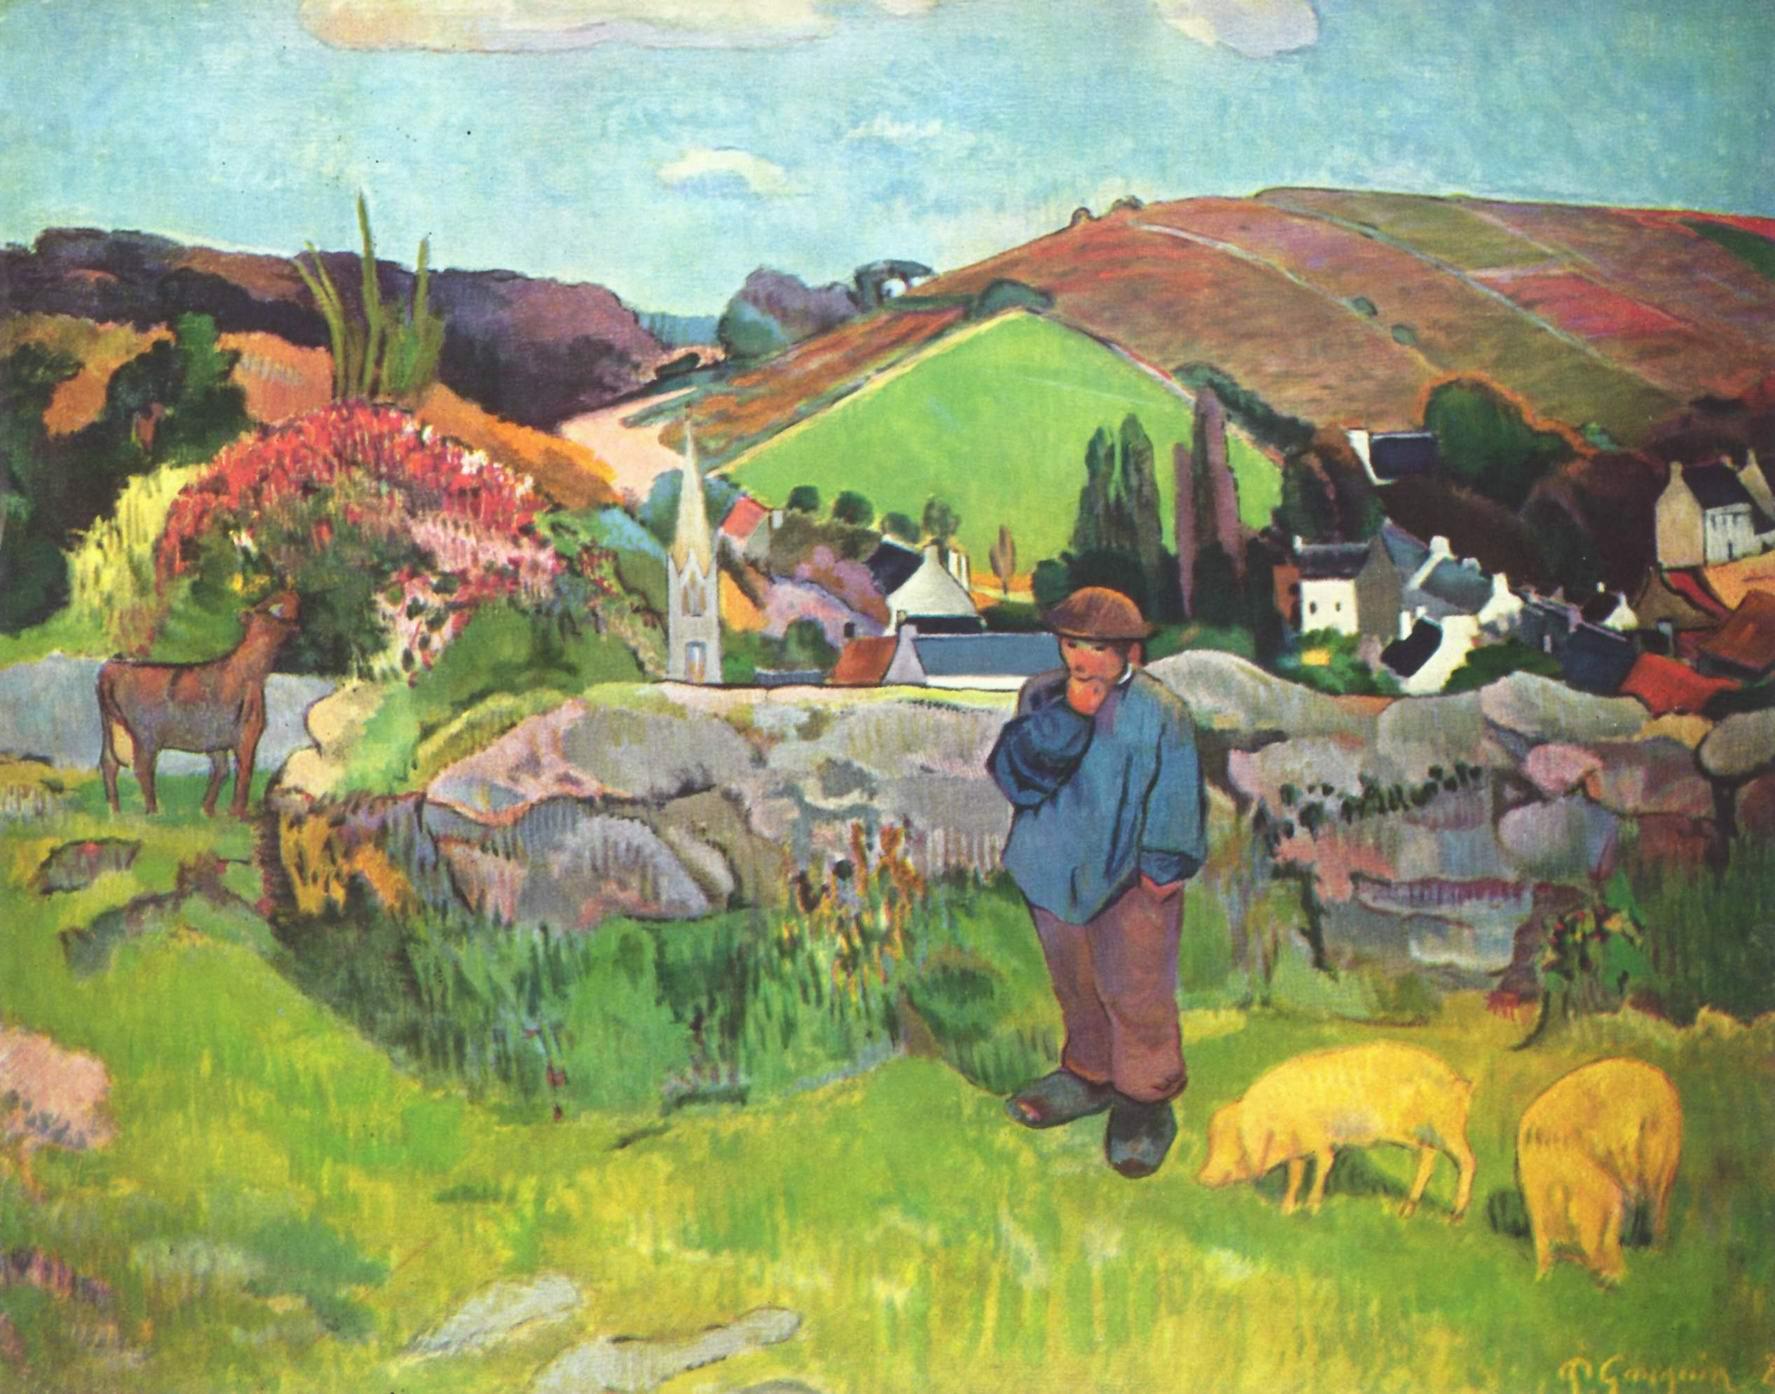 Бретонский пейзаж со свинопасом, Поль Гоген